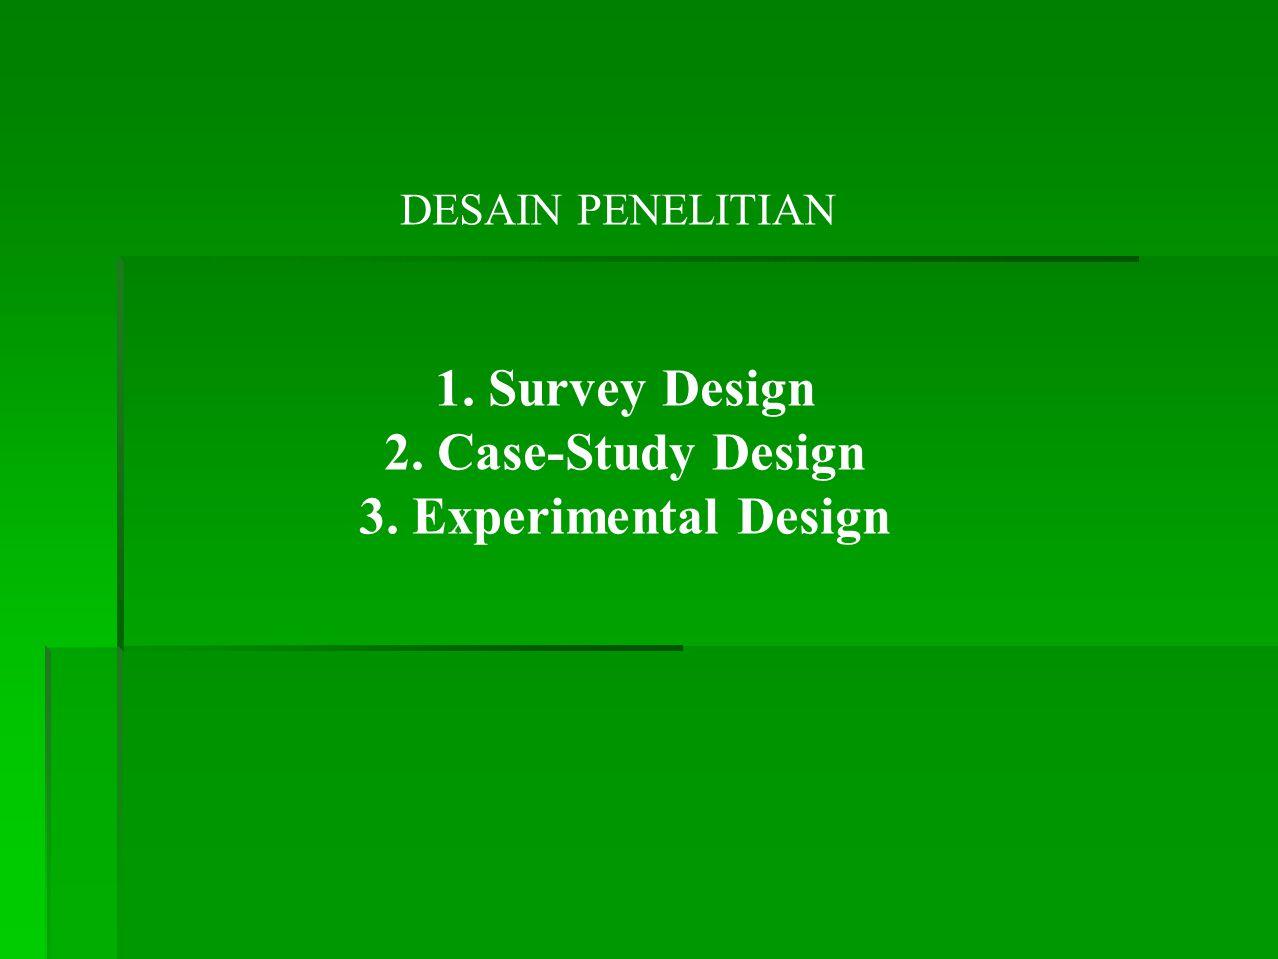 DESAIN PENELITIAN 1. Survey Design 2. Case-Study Design 3. Experimental Design